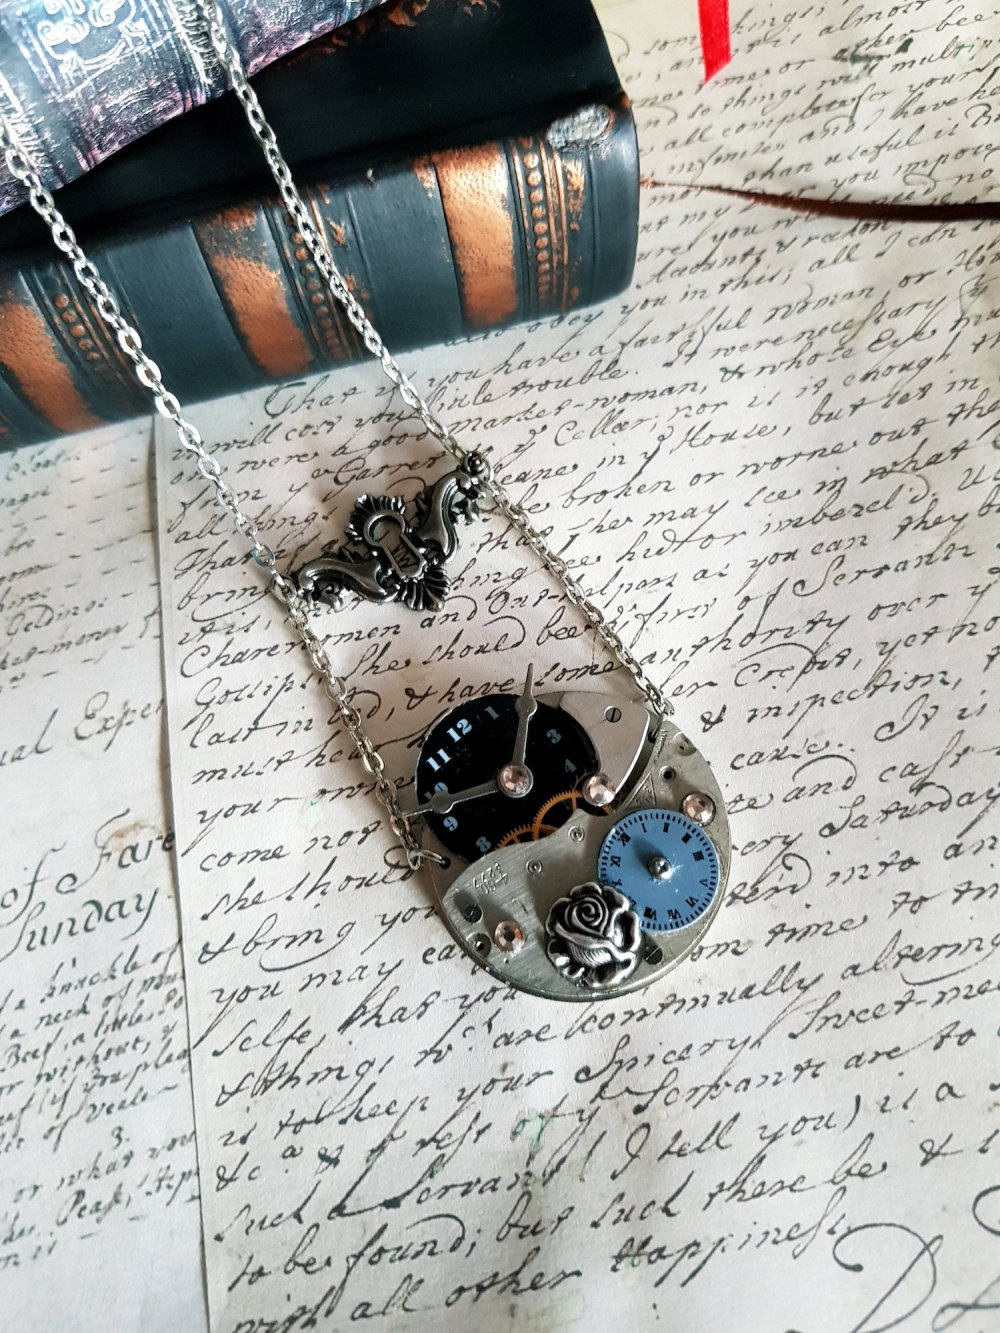 Collier pendentif steampunk mécanisme montre cadran montre horloge serrure aiguille heure fleur collier couleur argent antique vintage